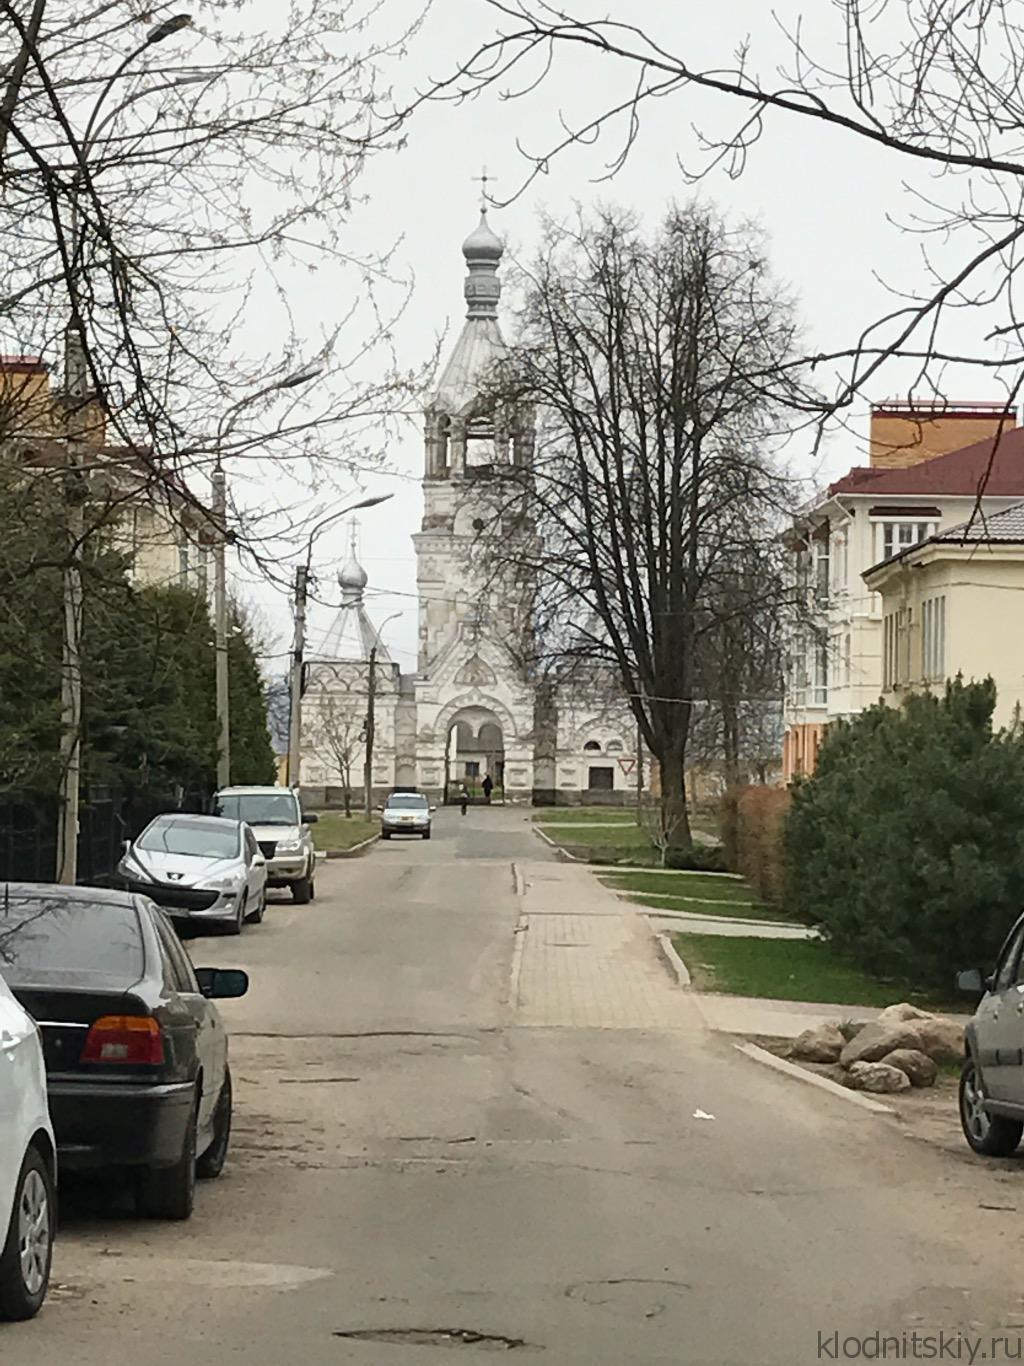 Автопутешествие. Великий Новгород.